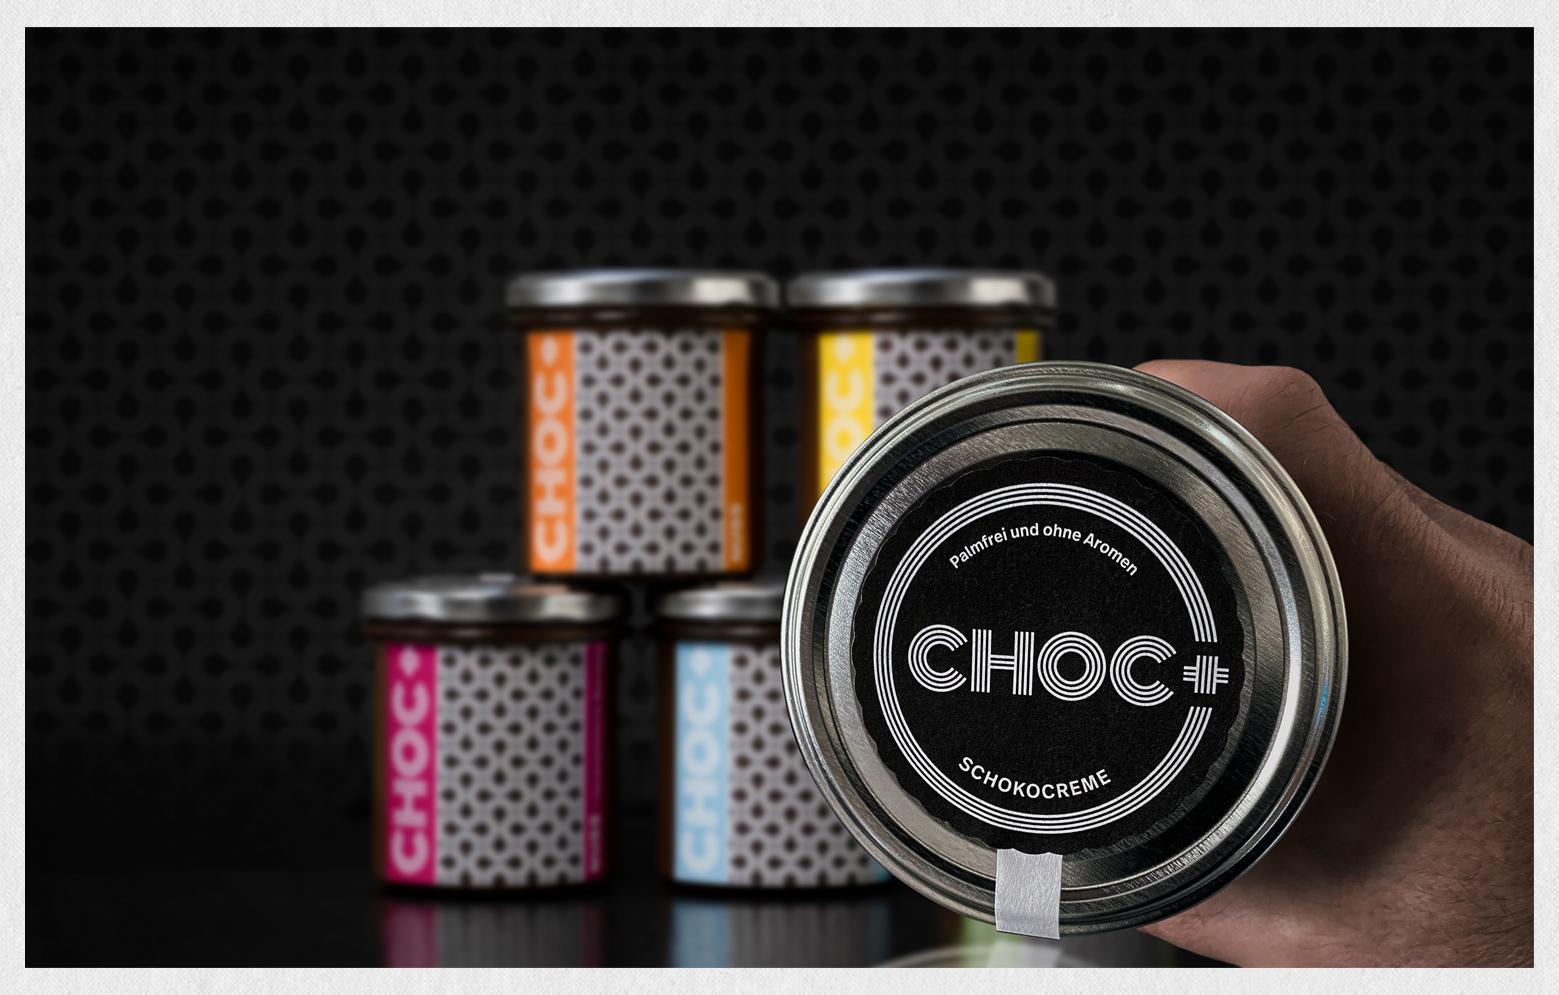 KRAUME CHOC+ Desckeletikett_Close-Up